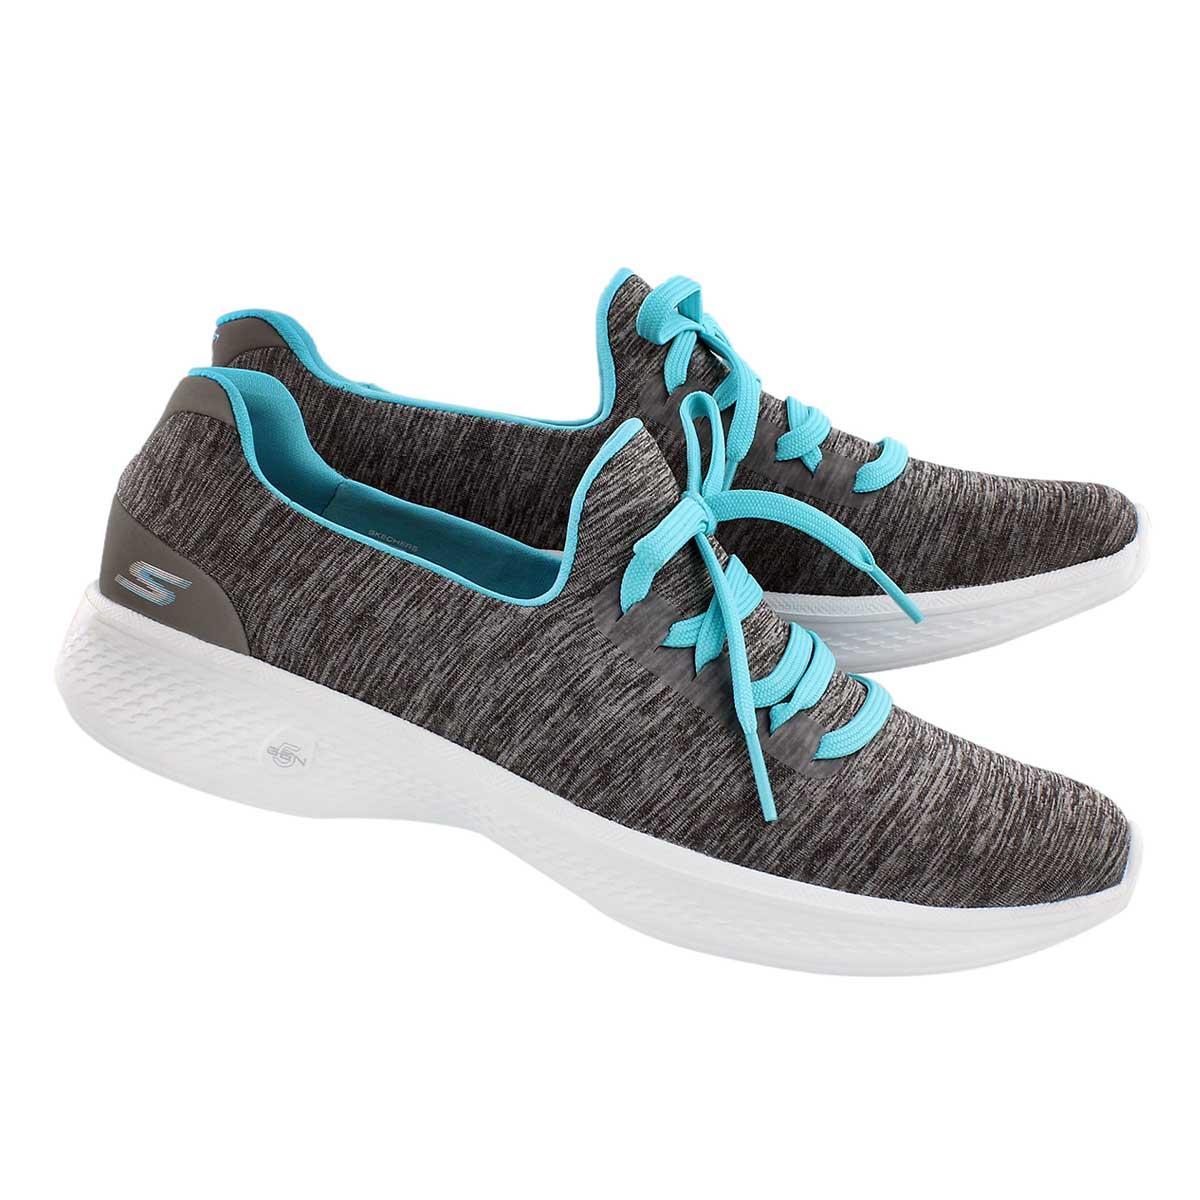 Lds GOwalk 4 gry/blu laceup walking shoe